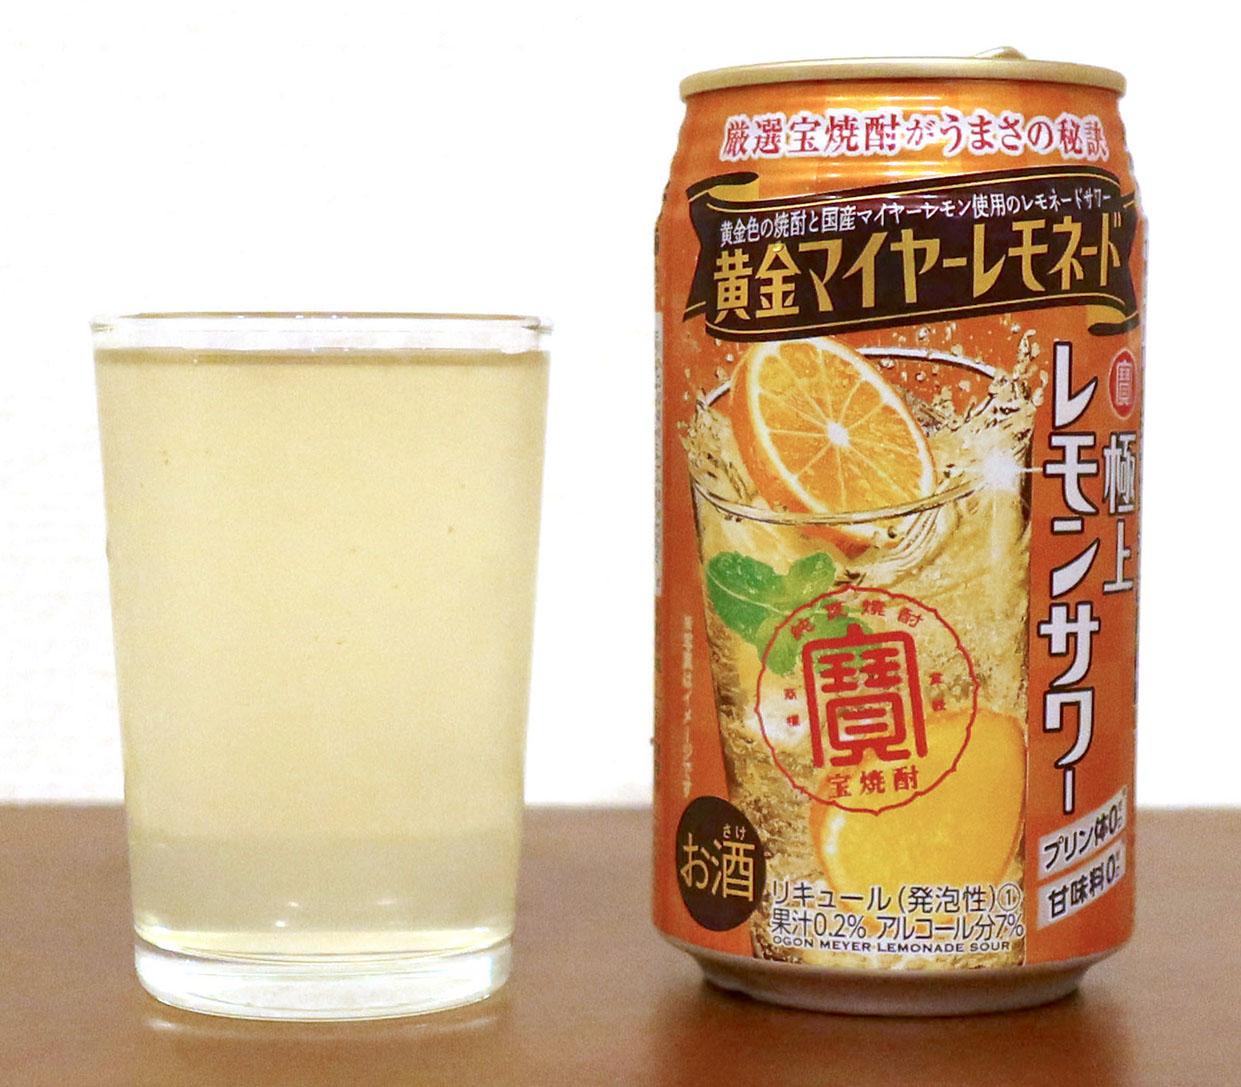 宝酒造 極上レモンサワー 黄金マイヤーレモネード